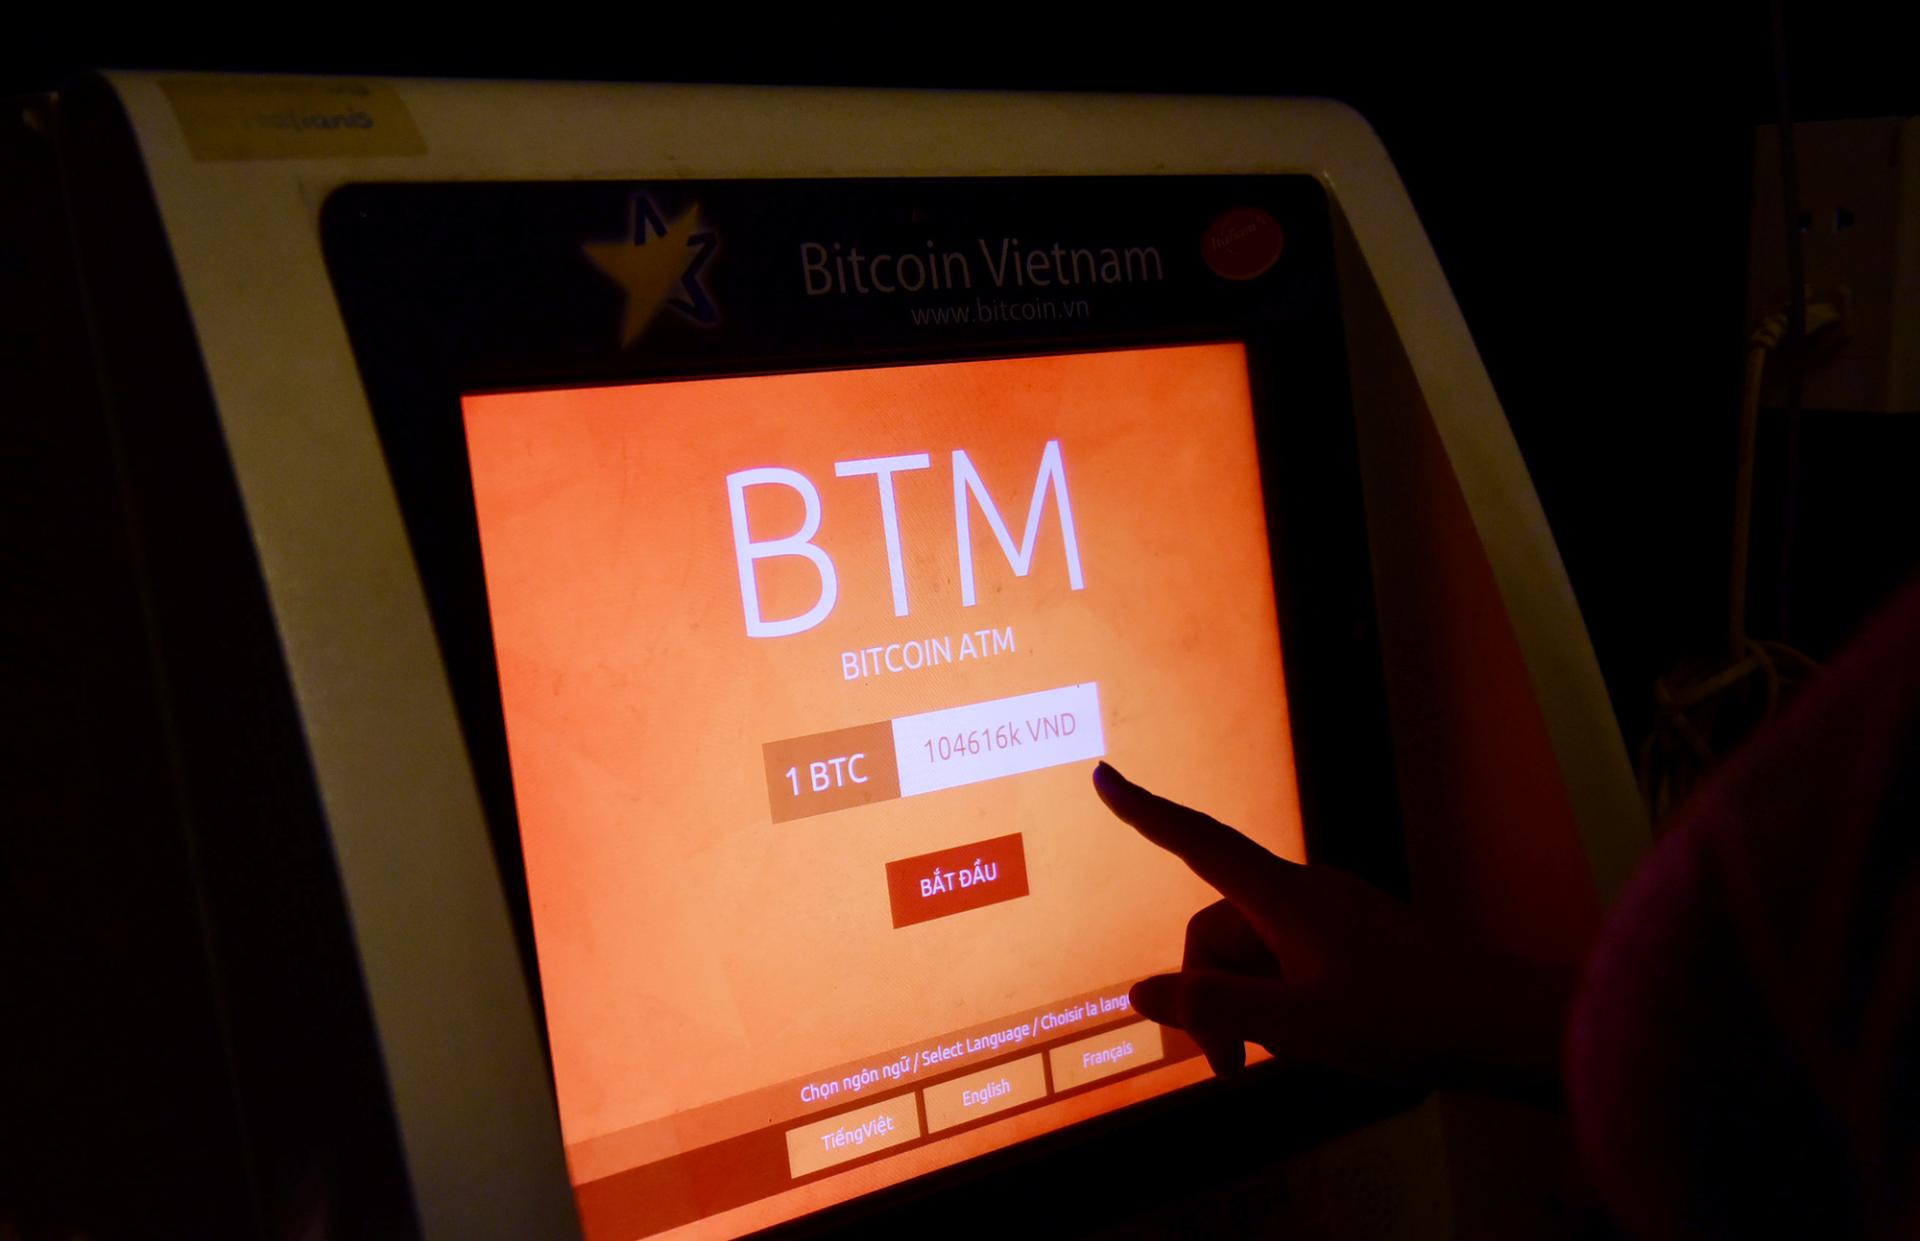 - Ở các quốc gia như Mỹ, Nhật Bản, châu Âu, máy ATM Bitcoin đã trở nên phổ biến.